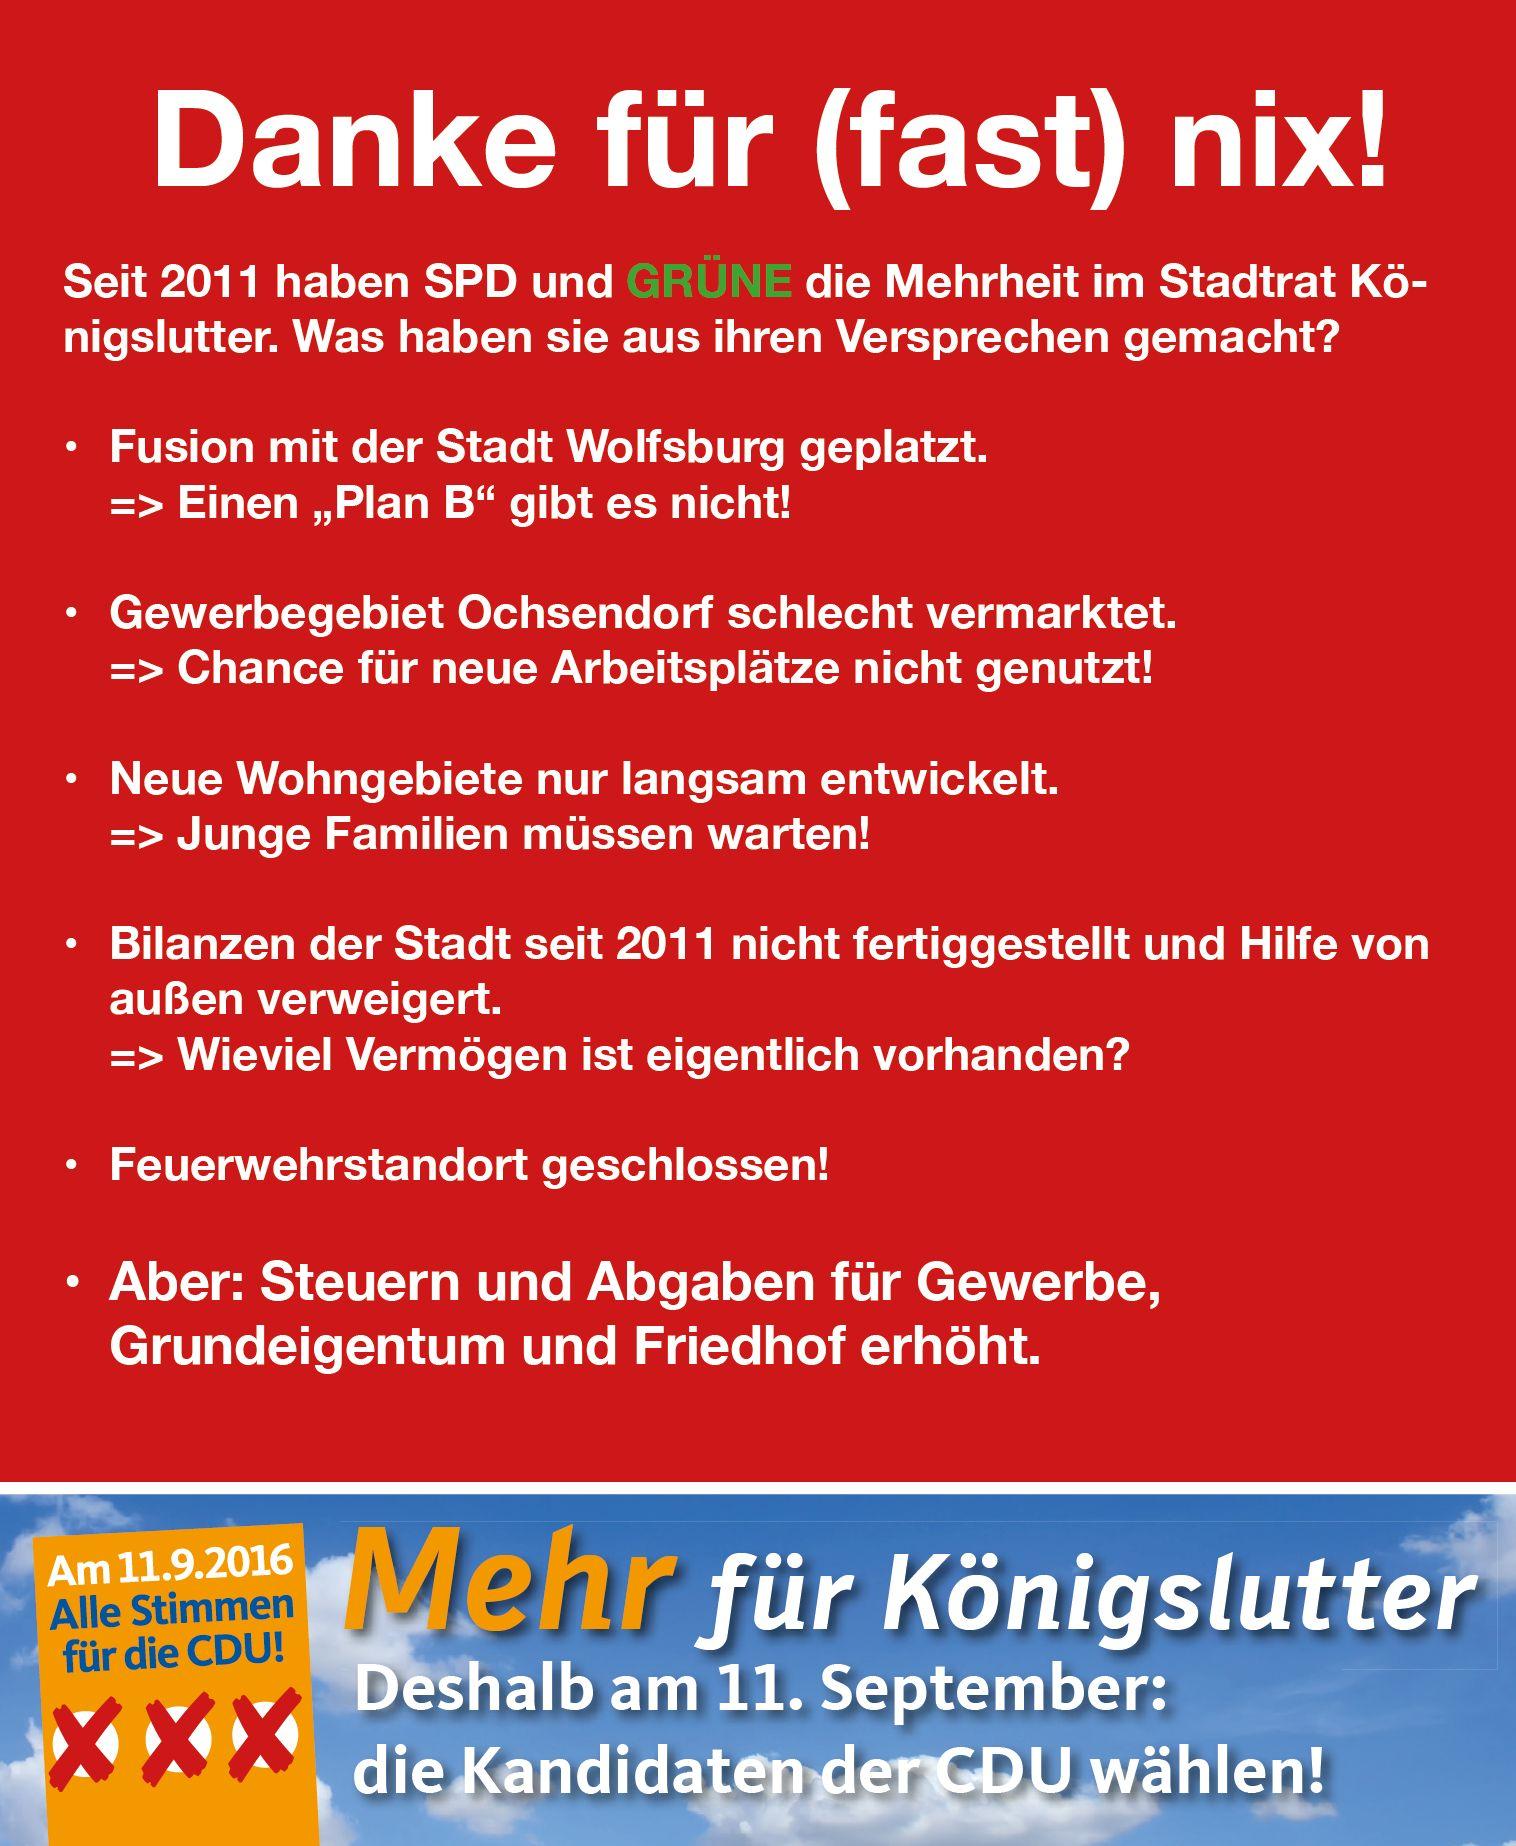 Anzeige der CDU am 4.9.16 im Helmstedter Sonntag